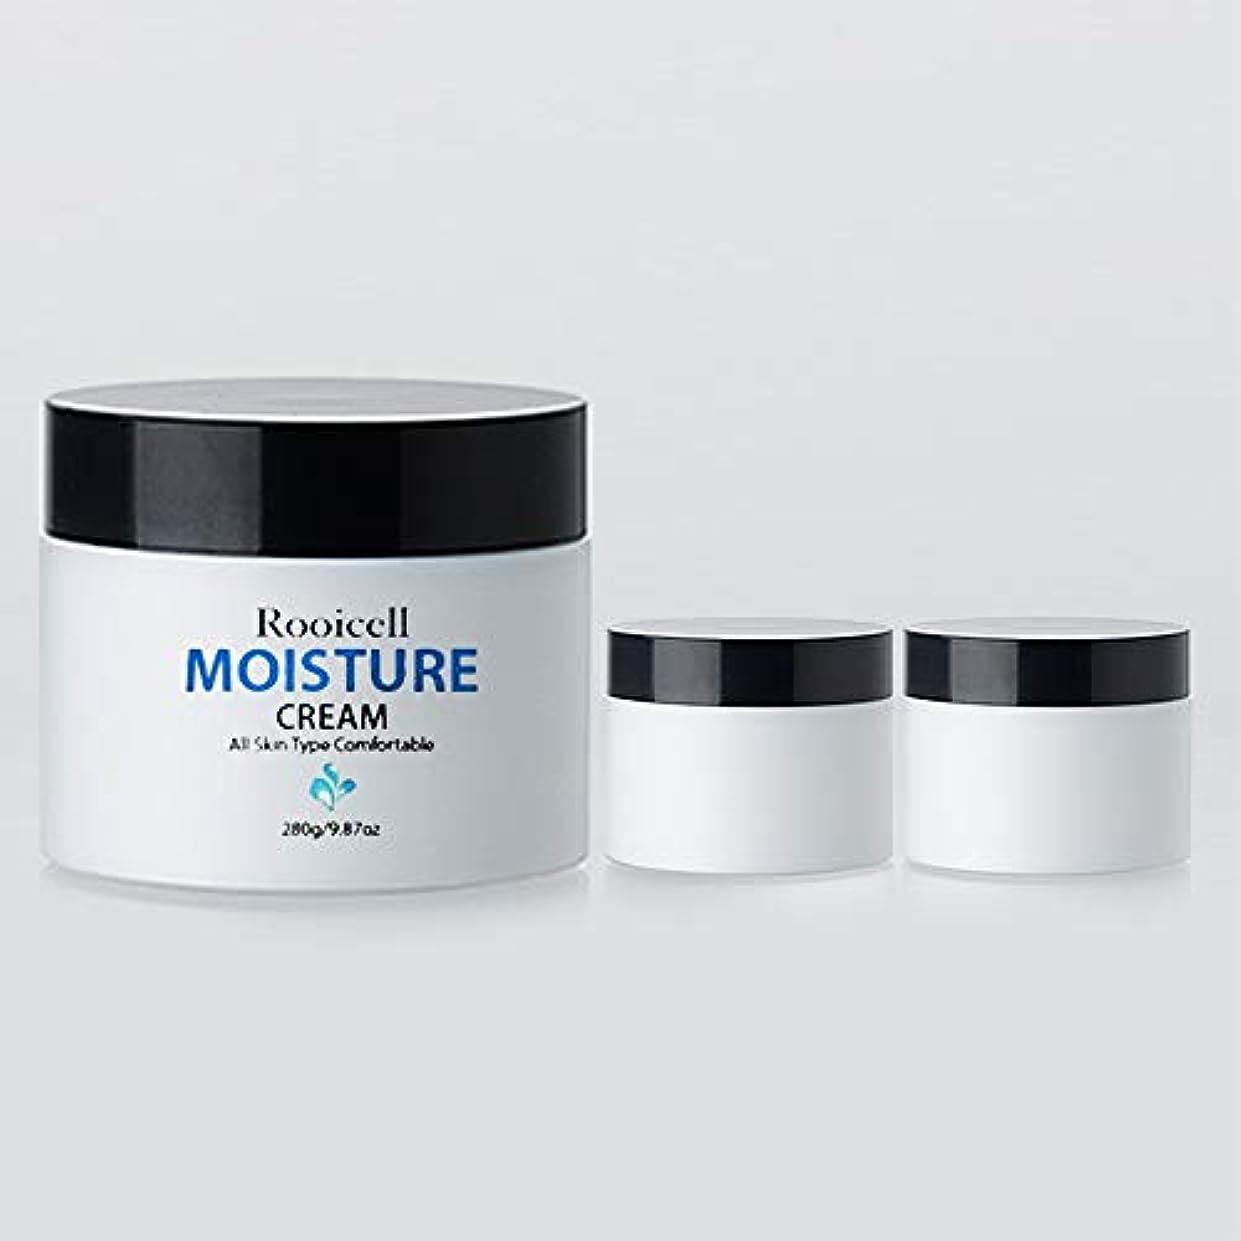 メナジェリー通訳ニンニク[ Rooicell ] ルイセル モイスチャークリーム 280g Korea cosmetic (moisture cream 280g)